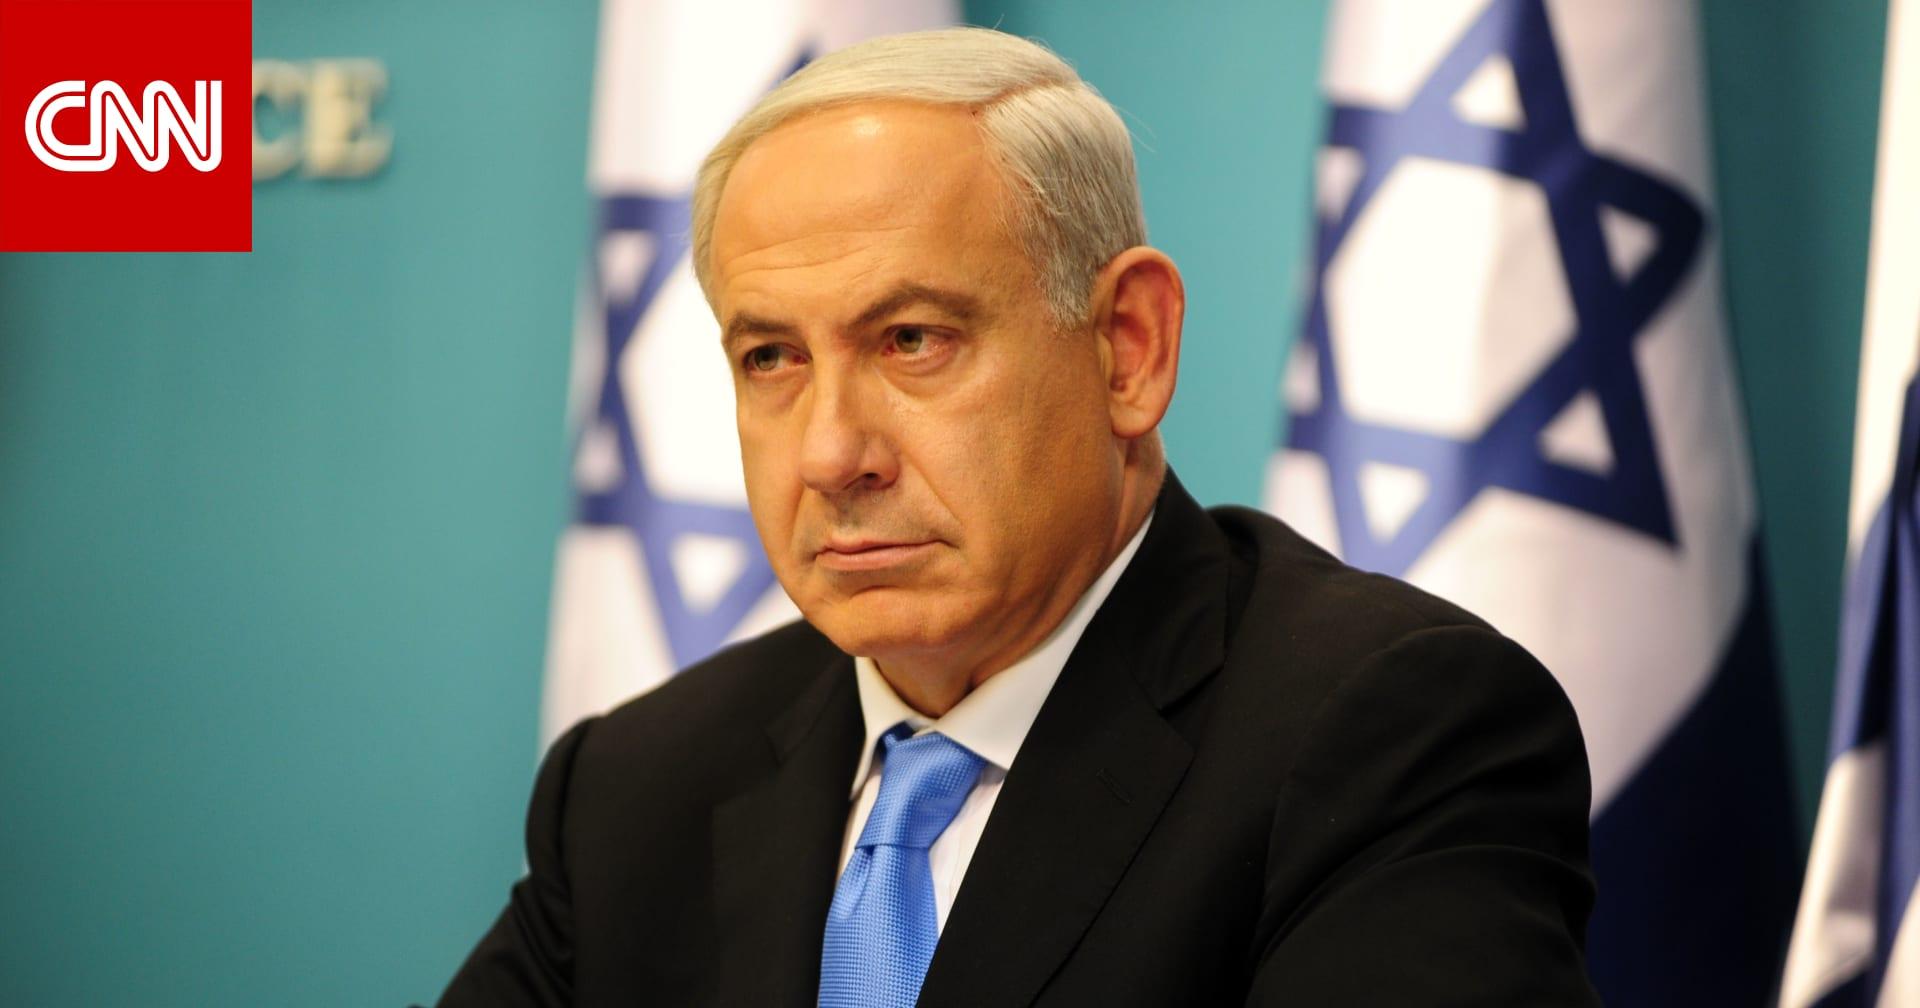 نتنياهو: مكافحة إيران وبرنامجها النووي مهمة عملاقة.. وتحولنا من عجز تام إلى قوة عالمية